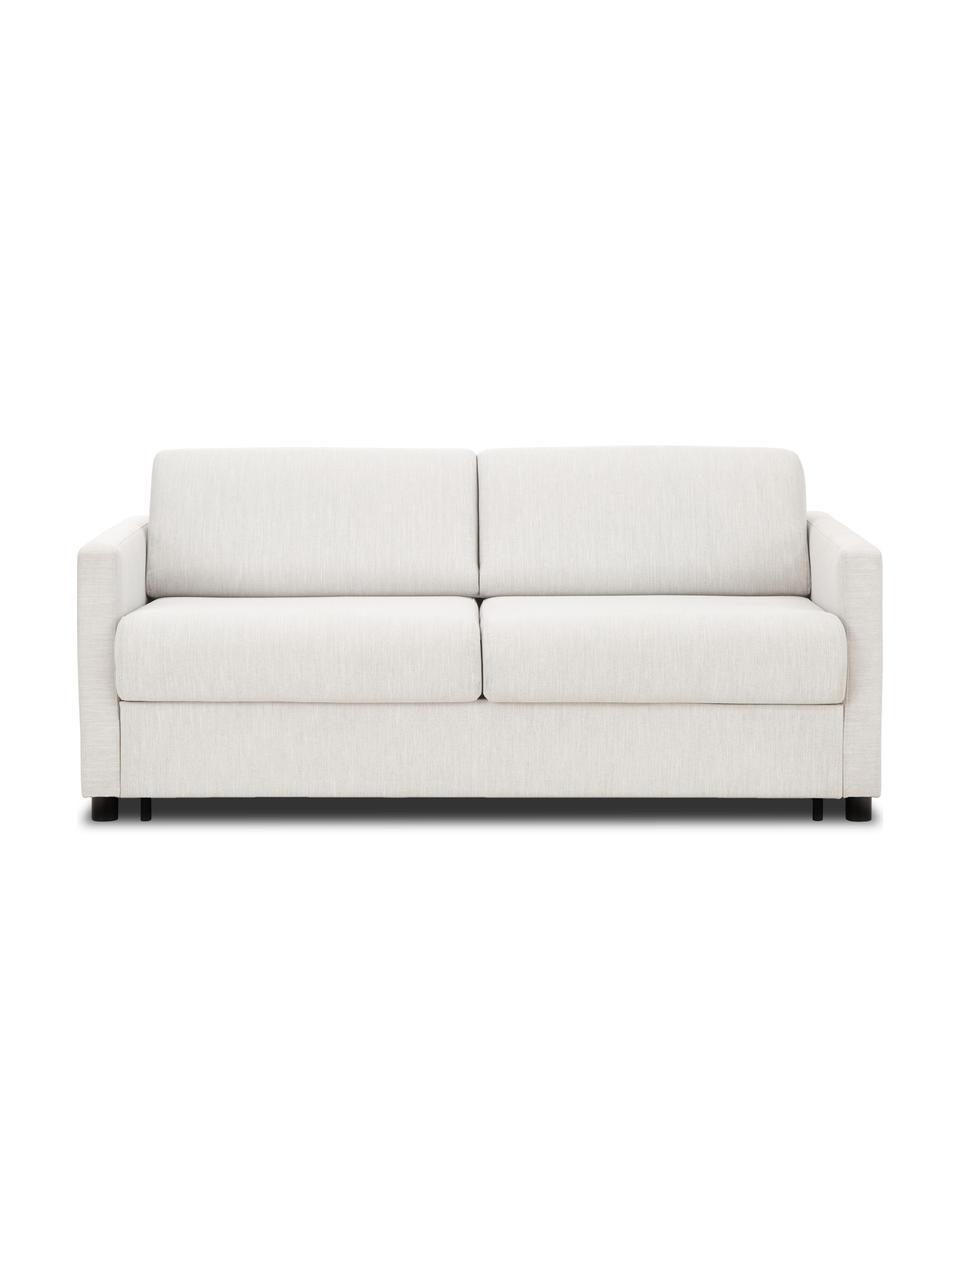 Slaapbank Morgan (2-zits) in beige, met matras, Bekleding: 100% polyester, Poten: massief grenenhout, gelak, Beige, 187 x 92 cm